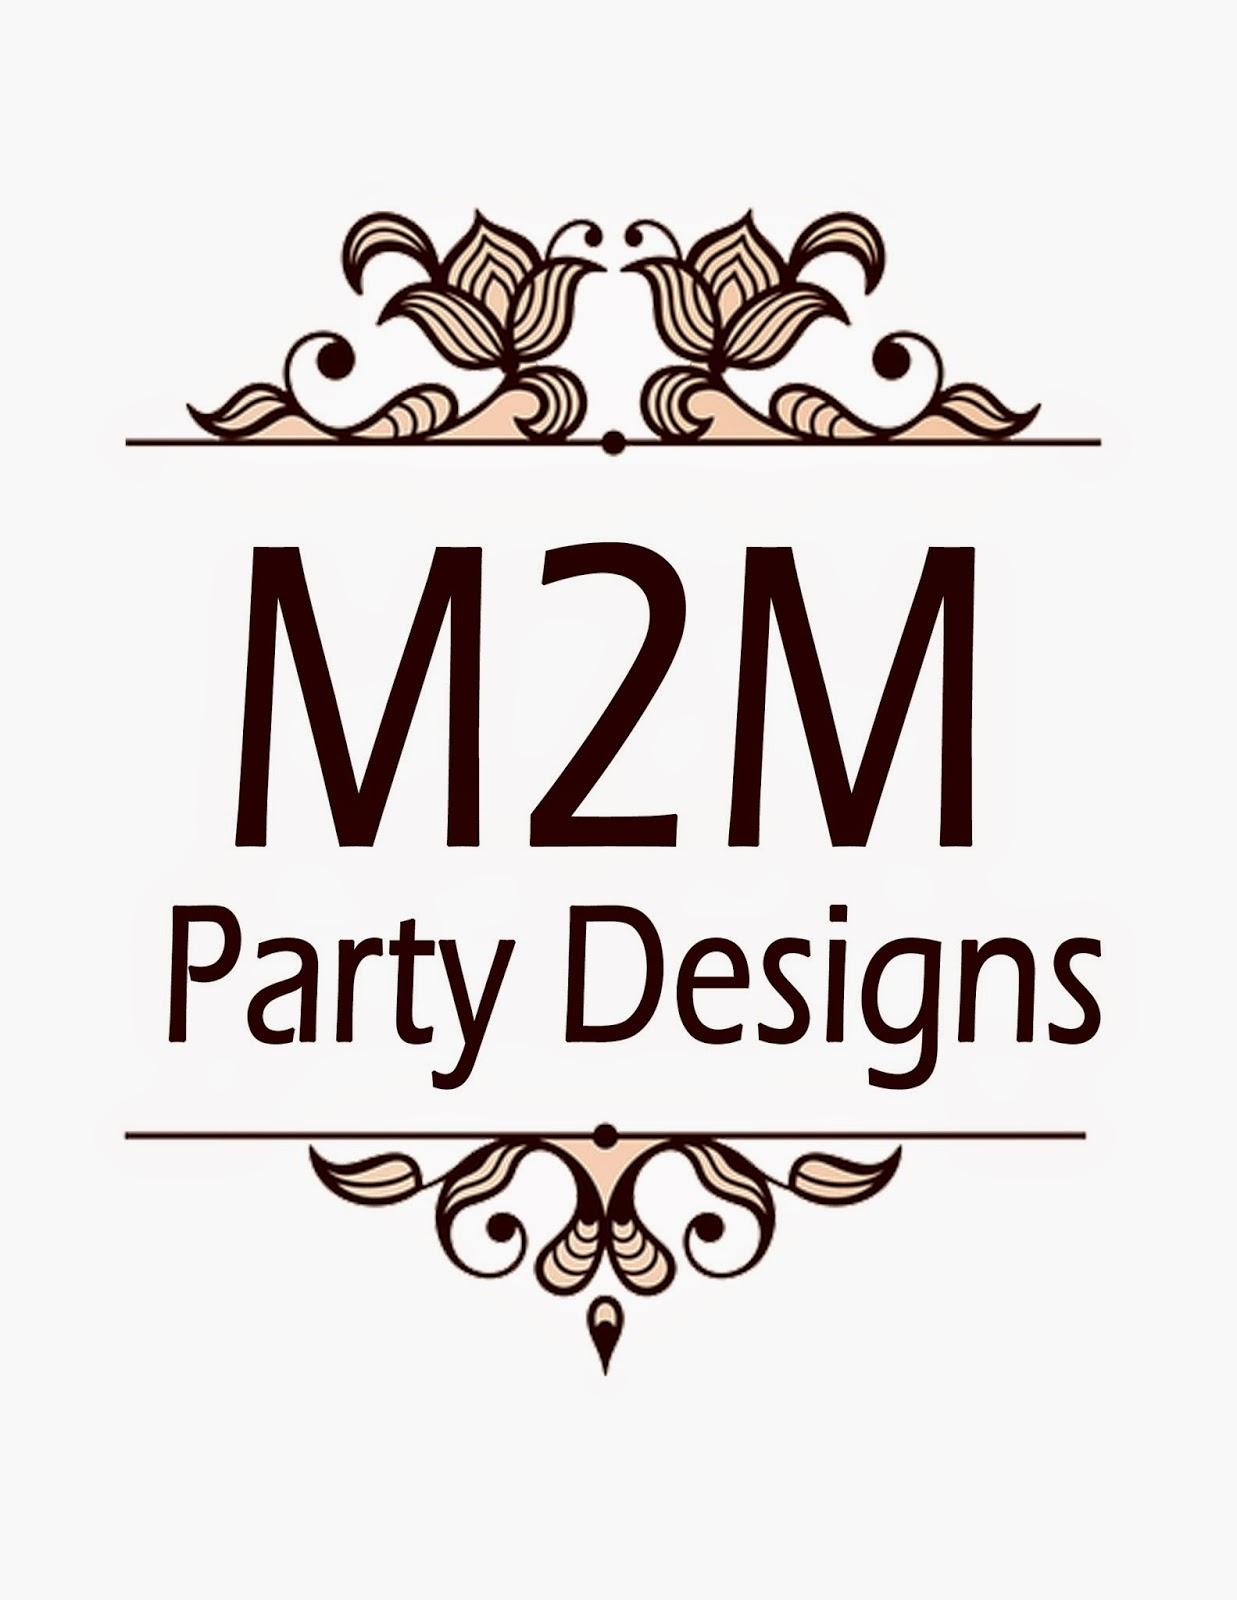 M2M Party Designs